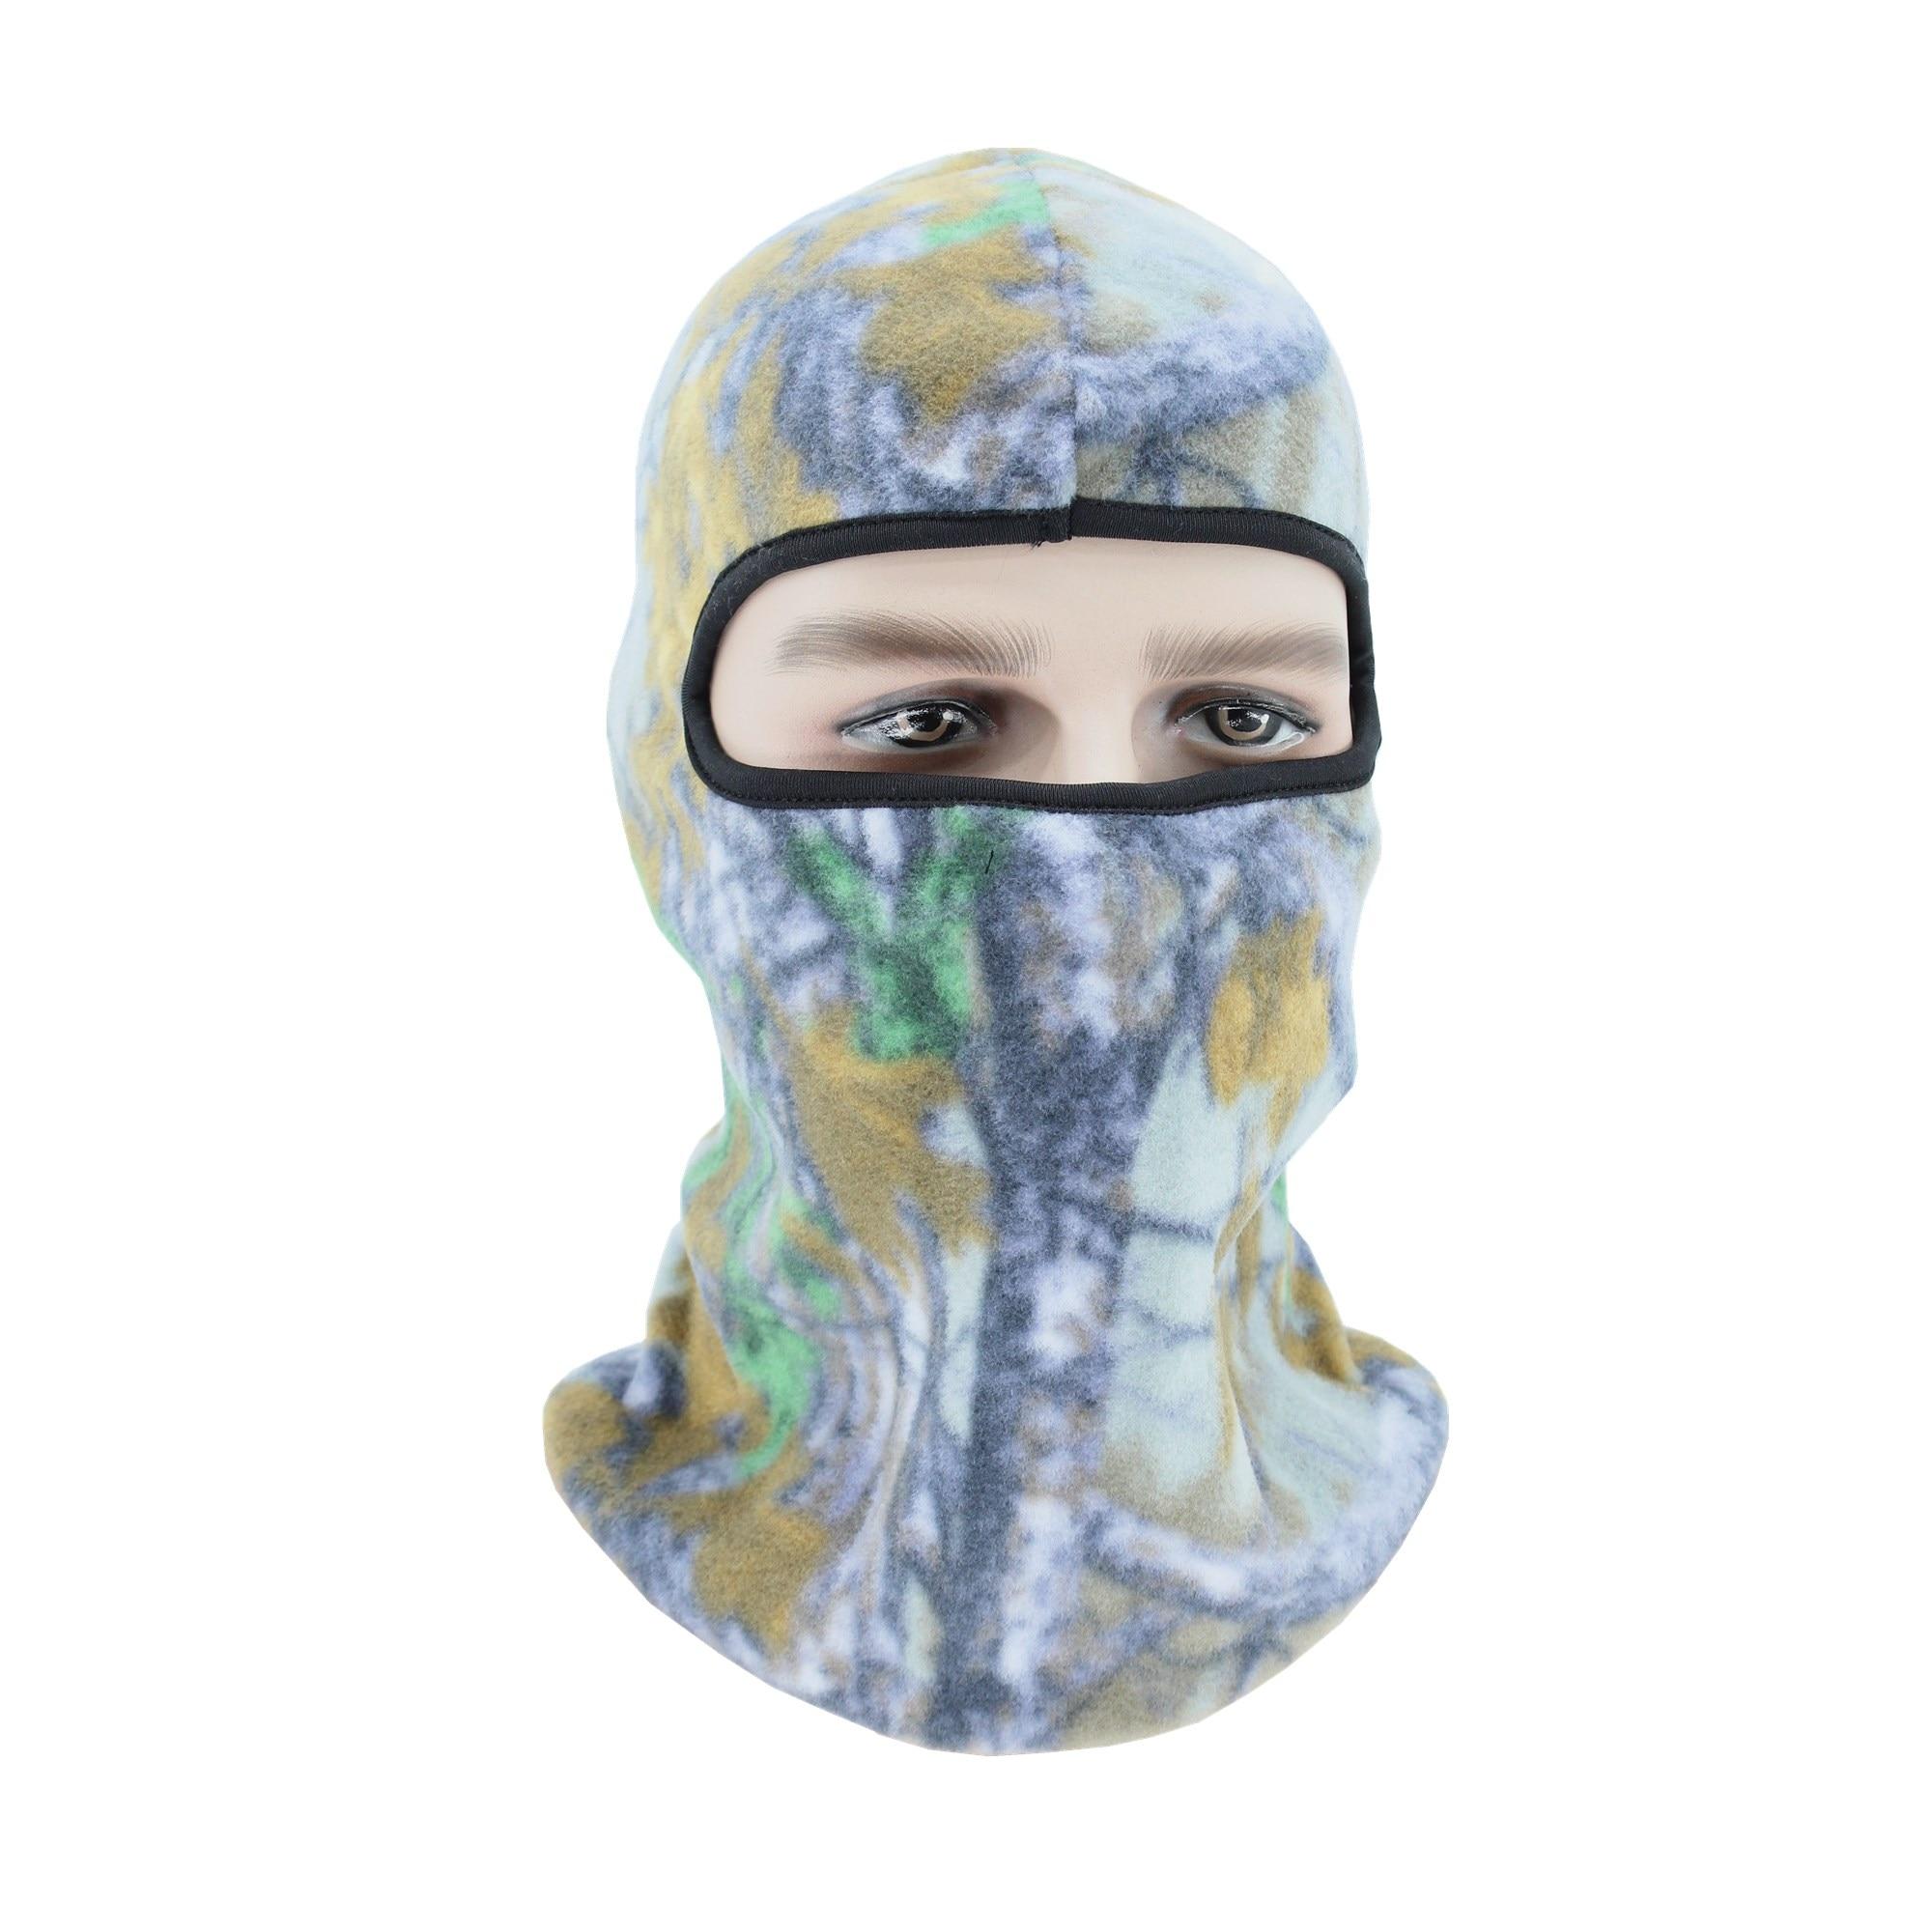 Зимние теплые флисовые шапки для мужчин камуфляж головной убор с манишкой Балаклава маска для лица Wargame спецназ маска